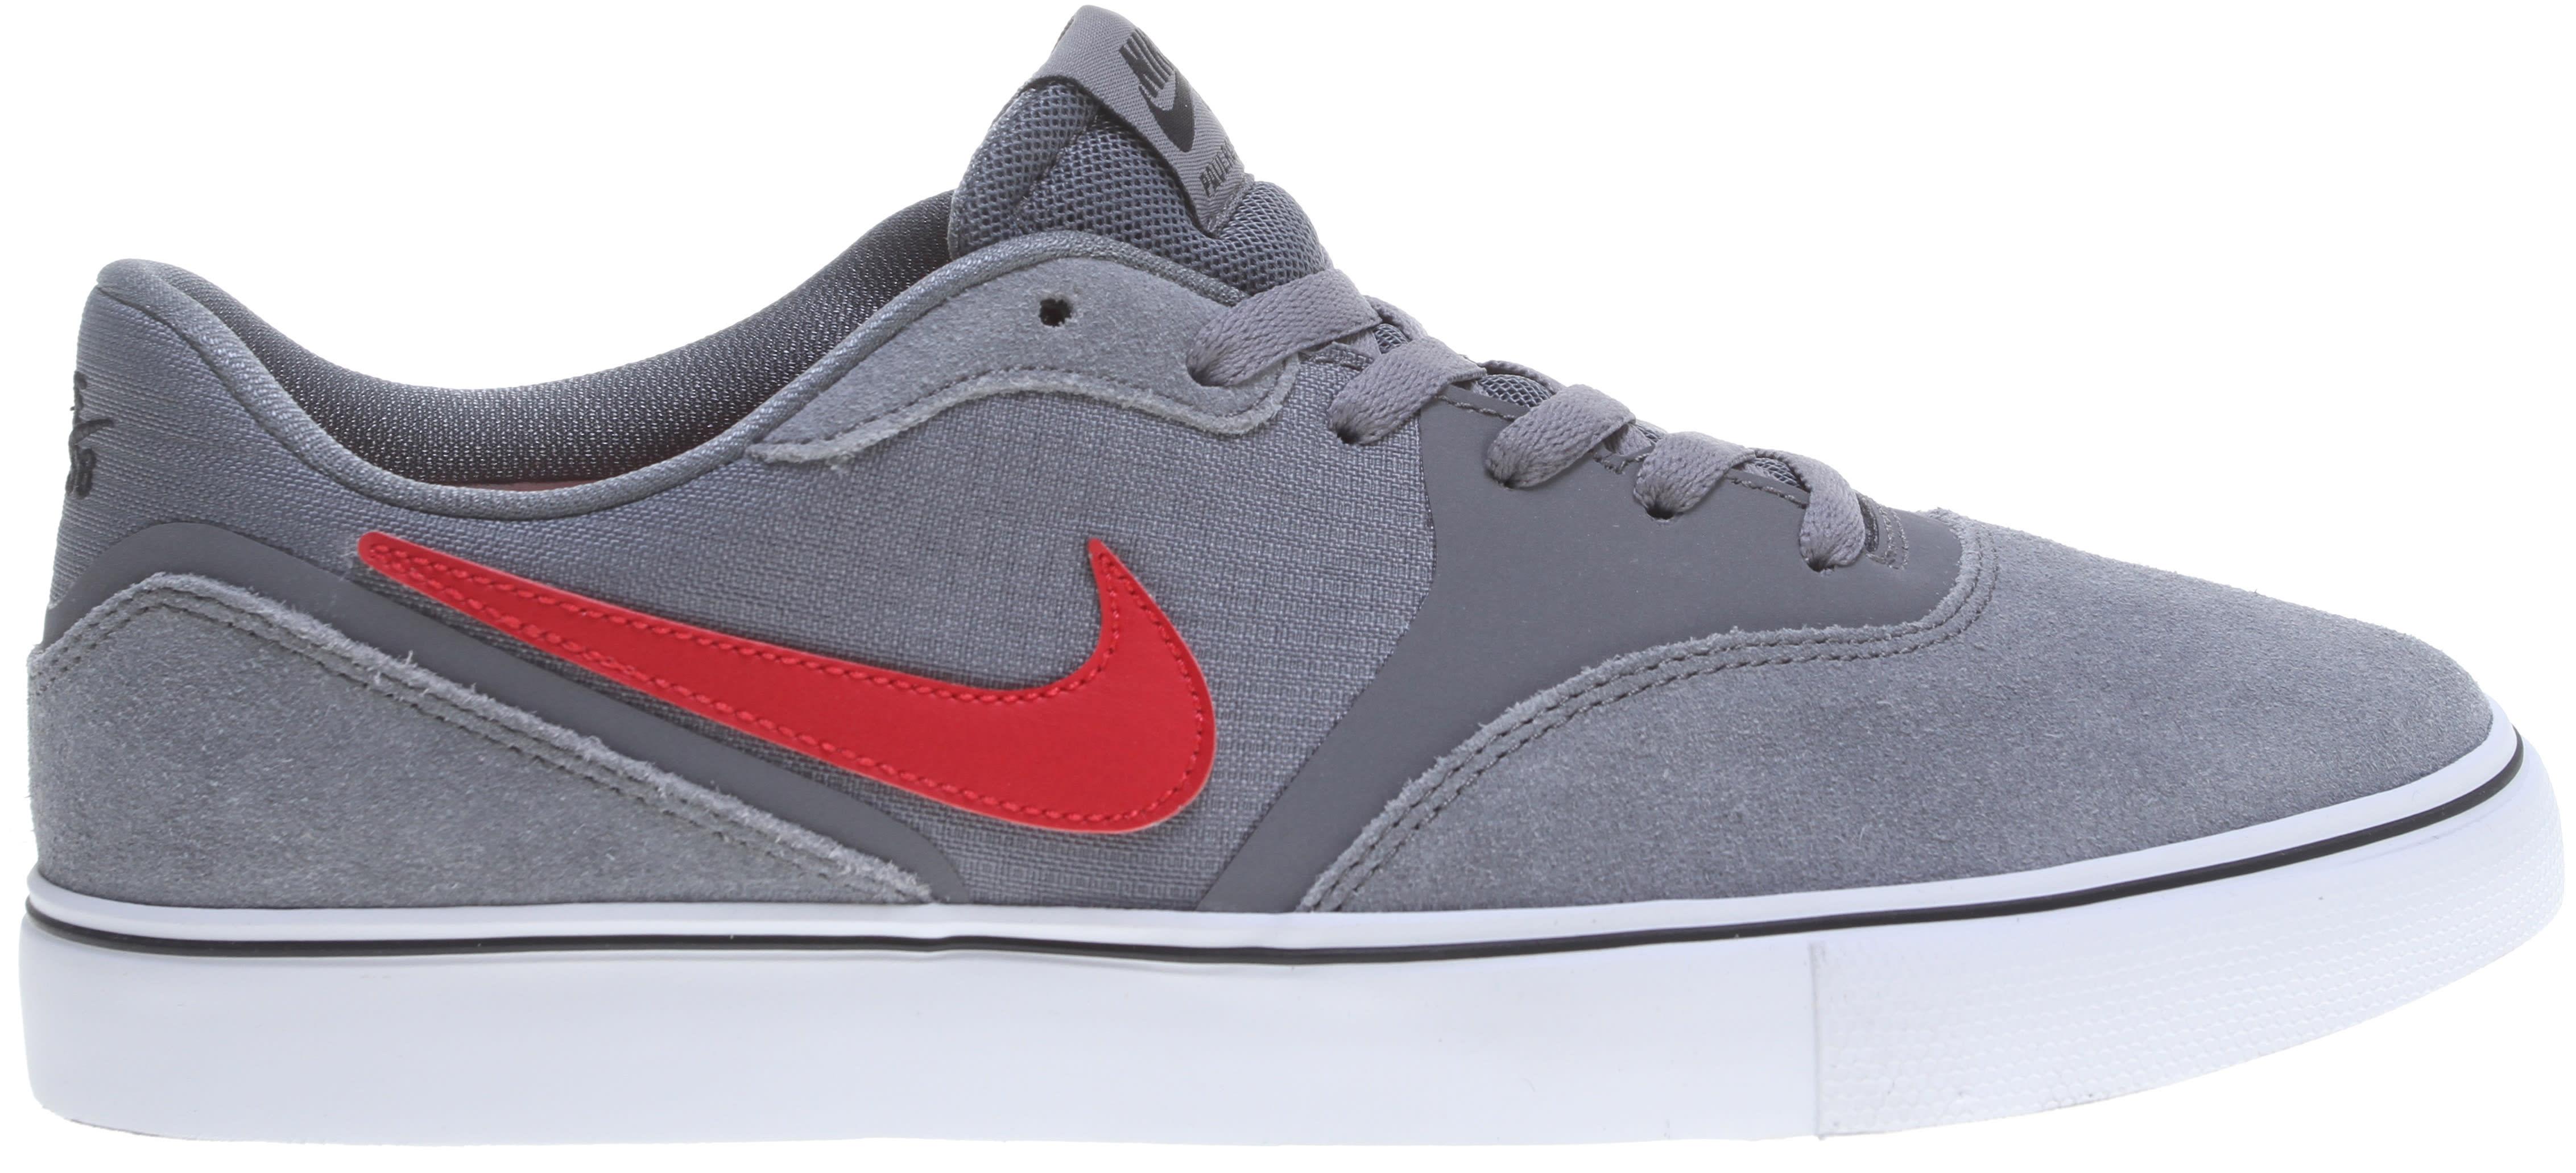 Nike Paul Rodriguez 9 VR Skate Shoes - thumbnail 1